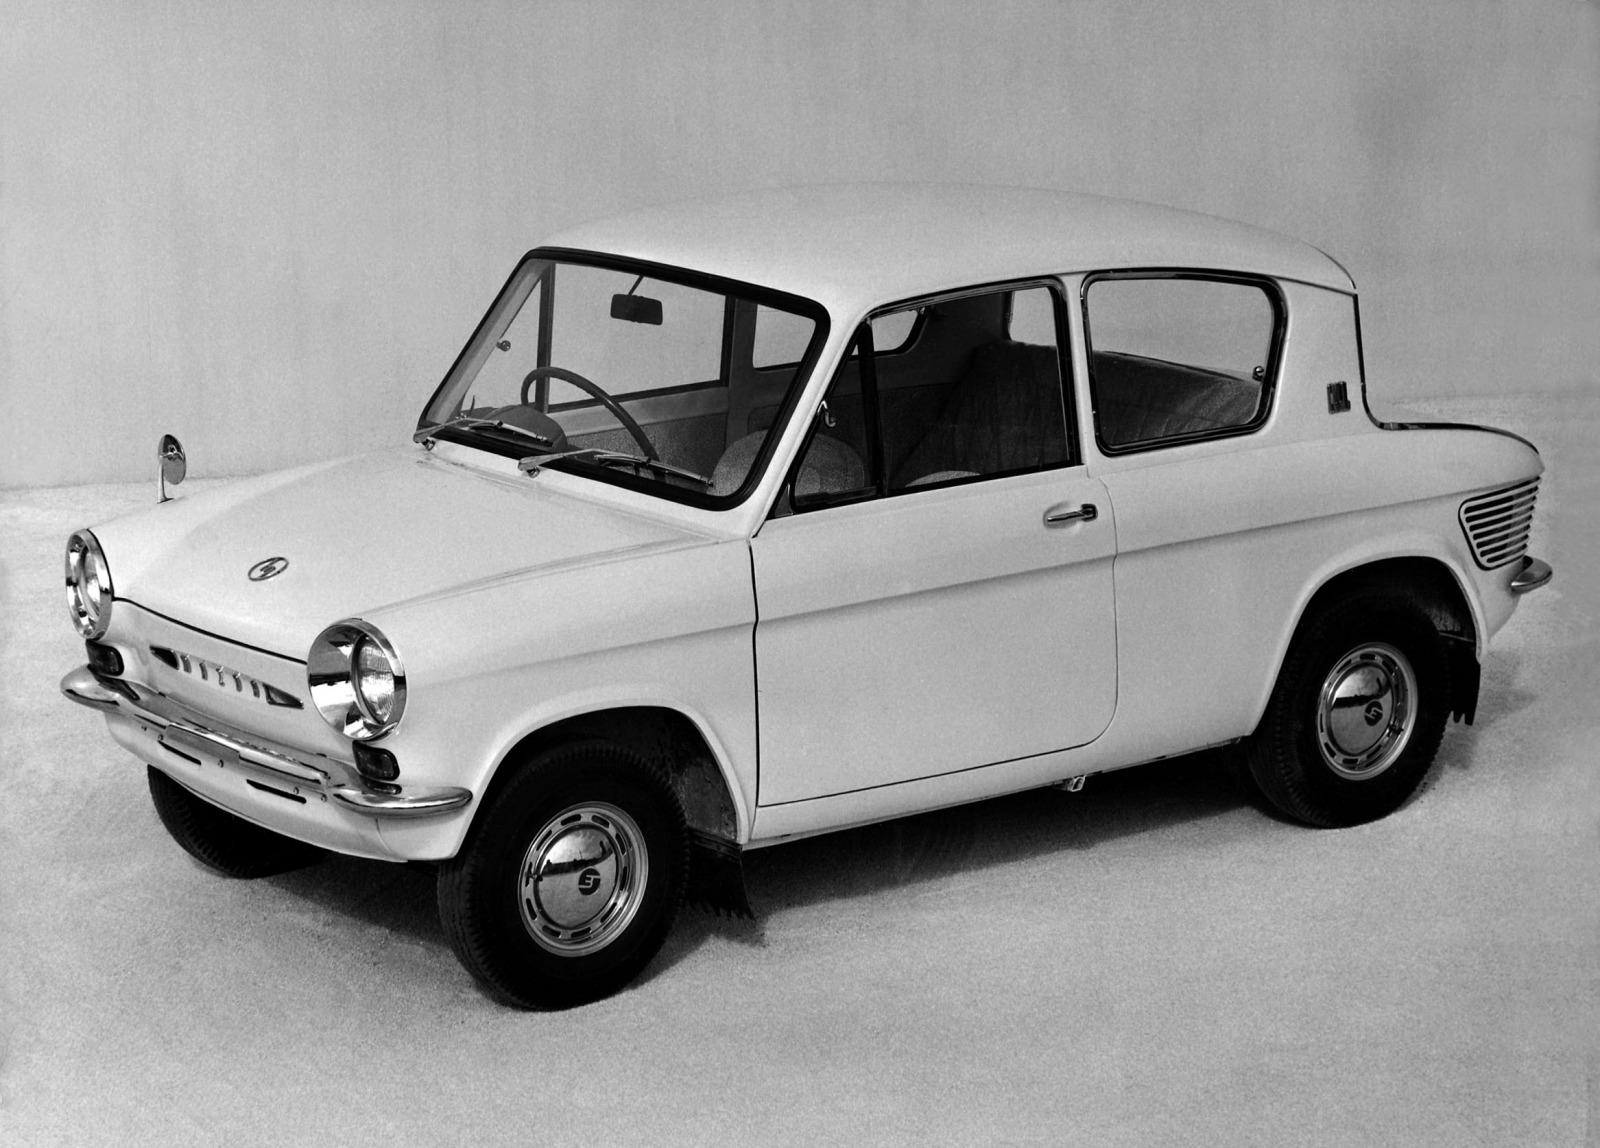 「マツダ初の乗用車「R360」と「キャロル」【マツダ100年史・第9回・第3章 その2】」の12枚目の画像